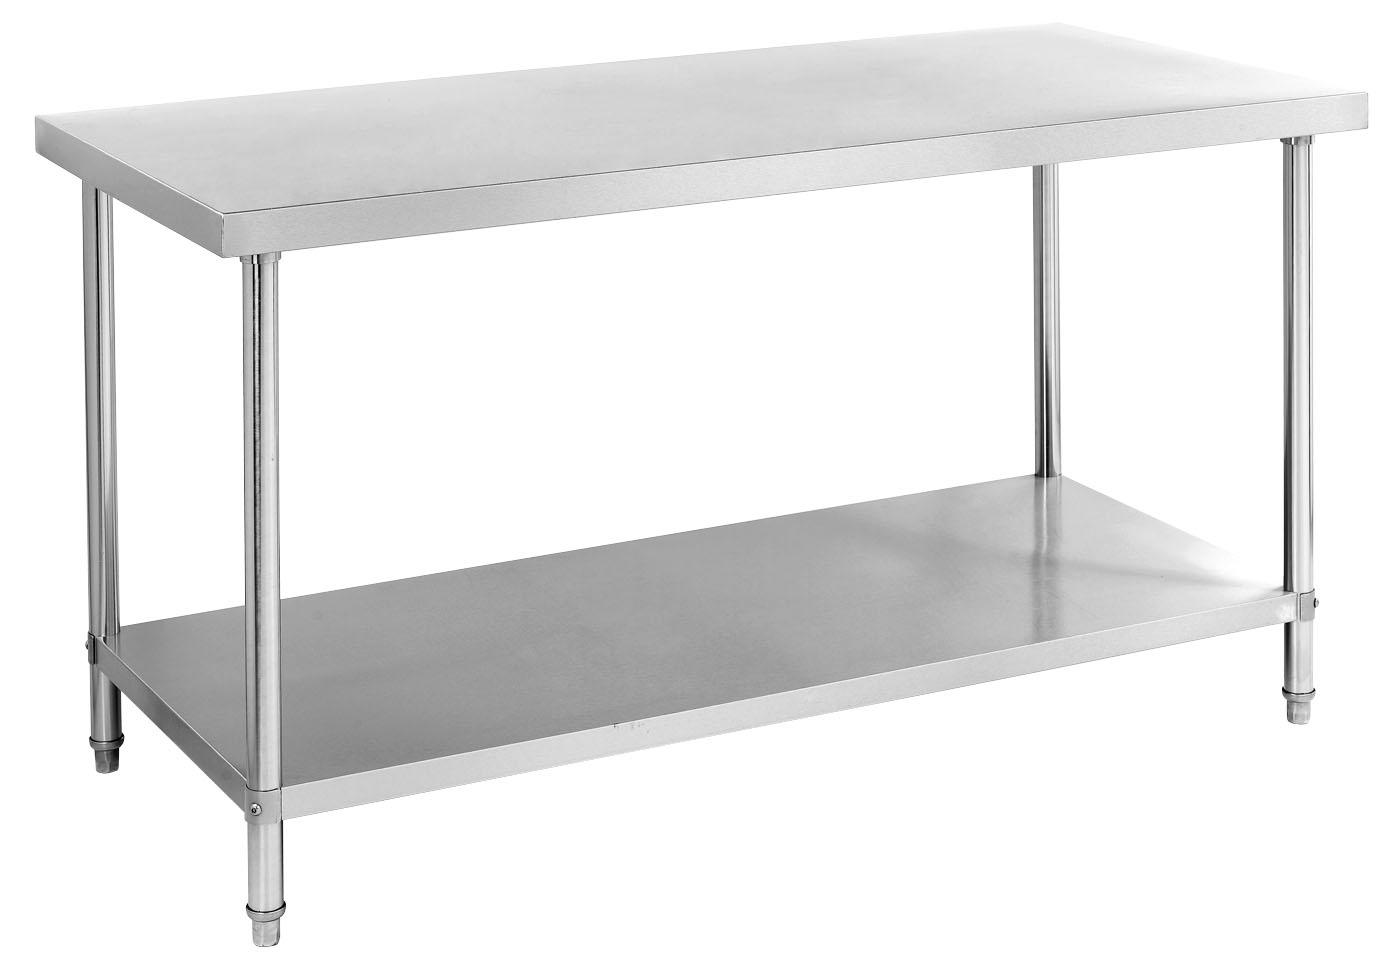 不锈钢工作台推拉门操作台打荷台饭店厨房桌子餐厅... _阿里巴巴